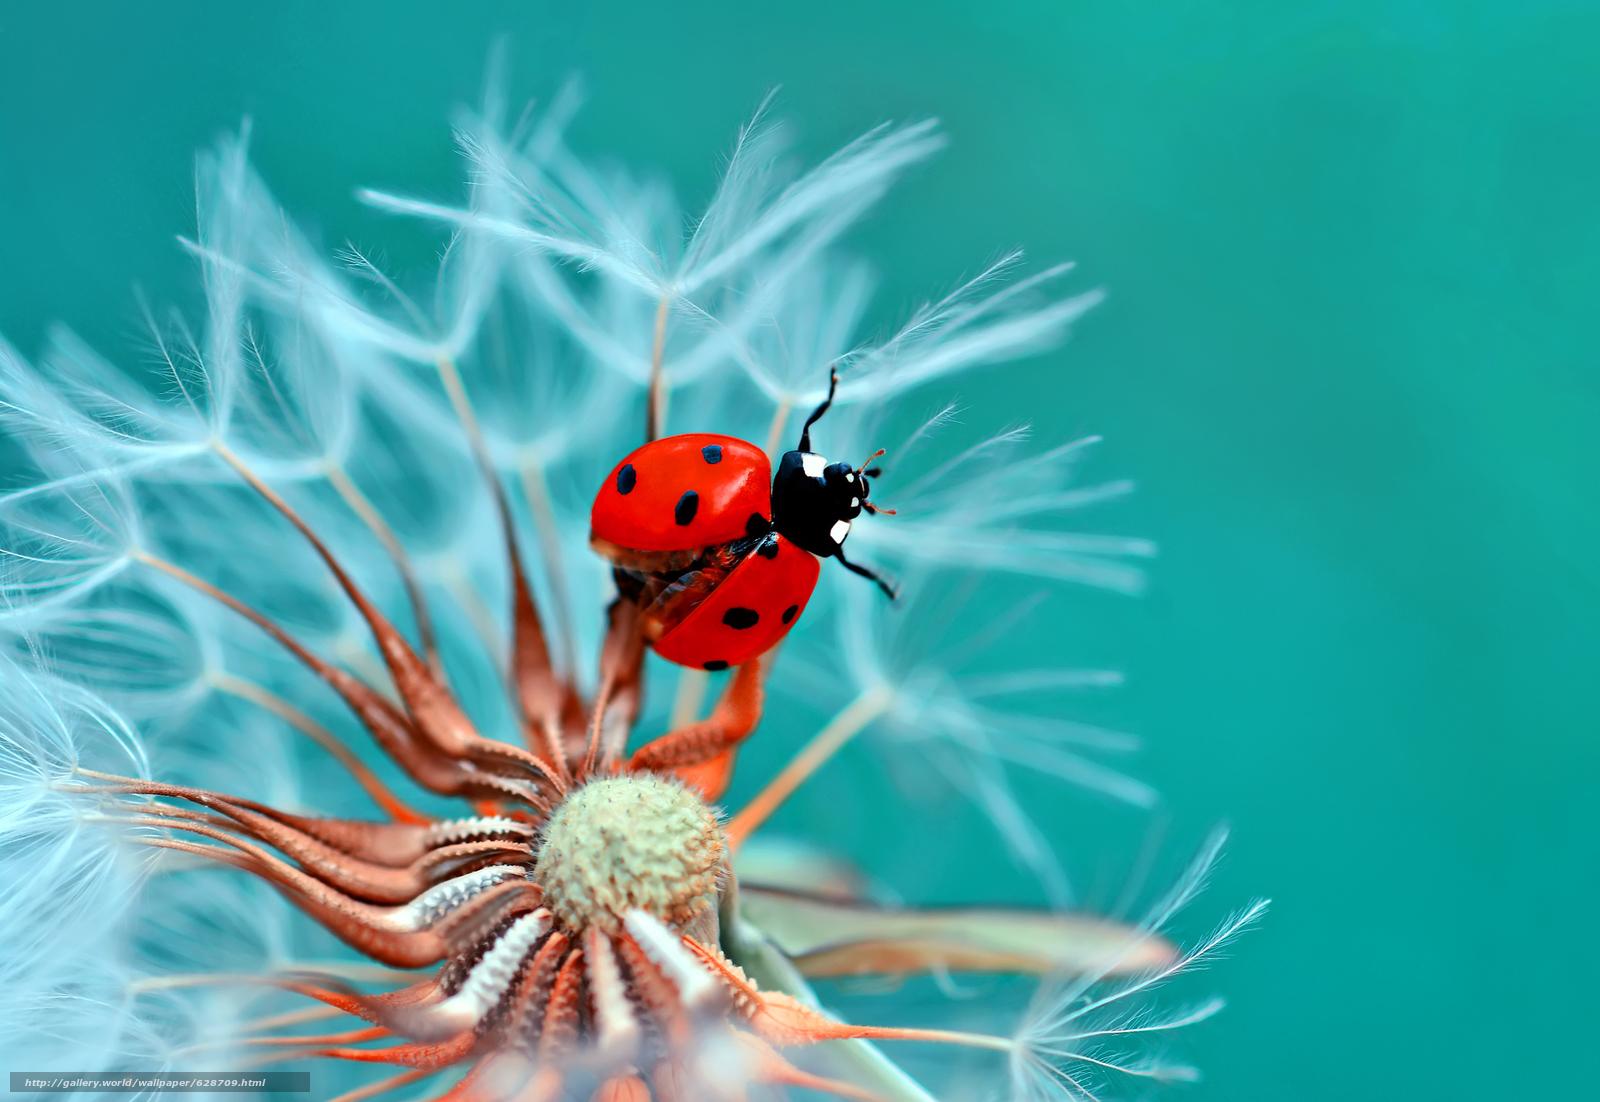 Скачать на телефон обои фото картинку на тему божья коровка, жук, насекомое, козлобородник, цветок, макро, разширение 2048x1410